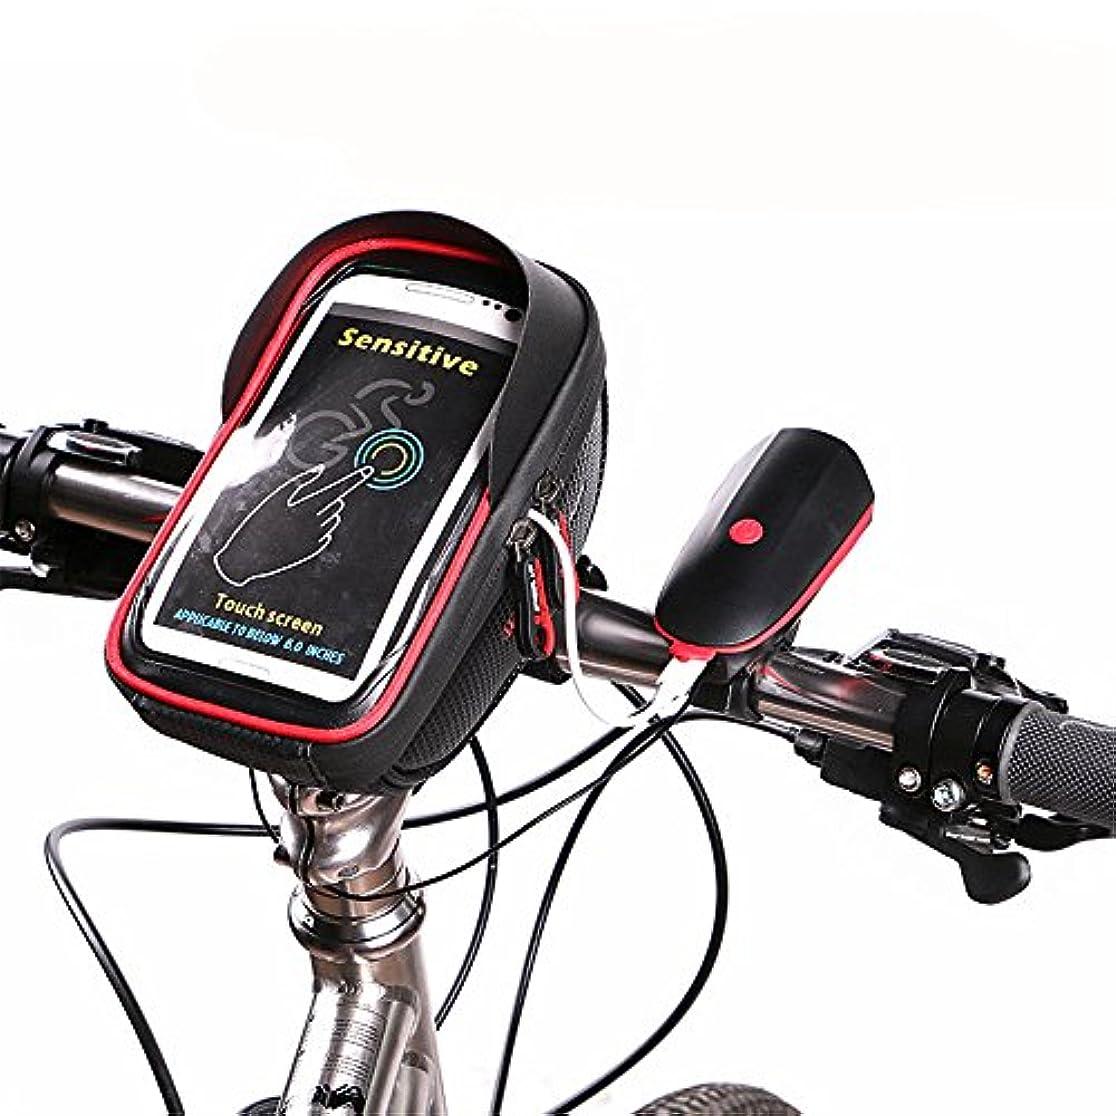 有効瞳誓う自転車サドルバッグリア自転車パニエバッグバイクバッグ防水タッチスクリーン自転車ハンドルフロント電話フレームバッグホルダーのためのiPhone 8 7プラス6 s 6プラス5 s 5 /ギャラクシーS7 S6注7携帯電話6.0インチ以下サンバイザー付き サドルバッグ?フレームバッグ (色 : 赤)